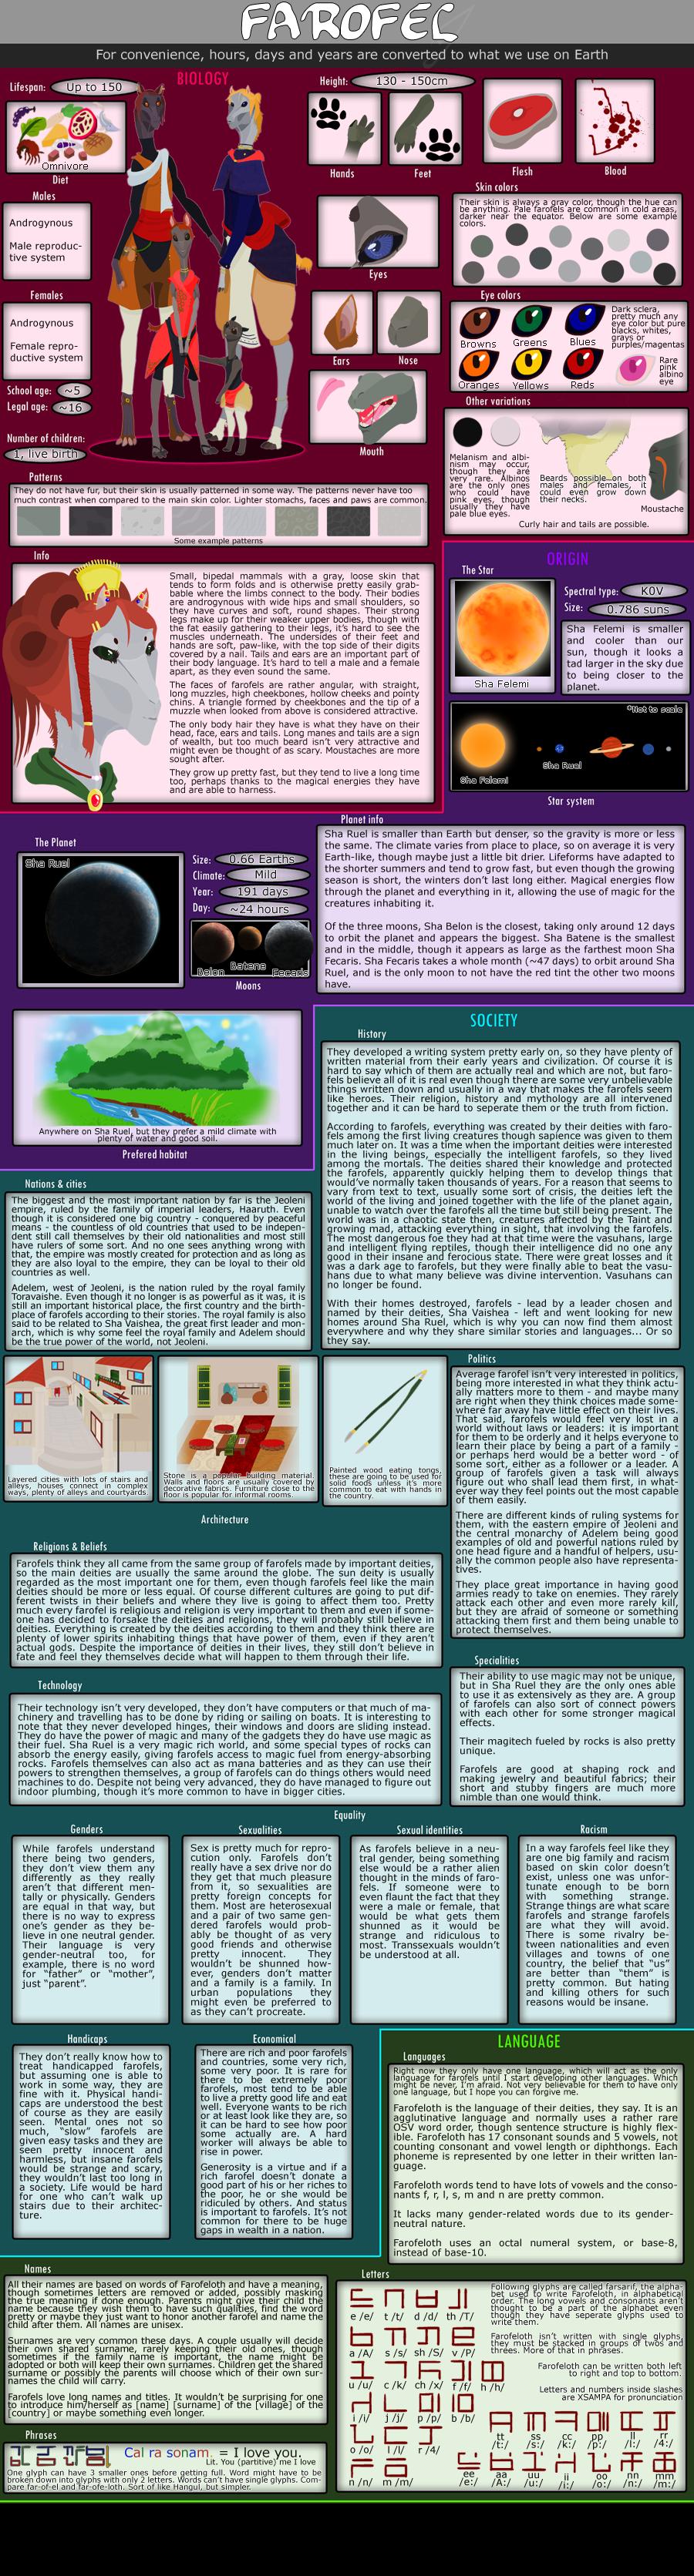 Alien species template: Farofel by InspectorSands